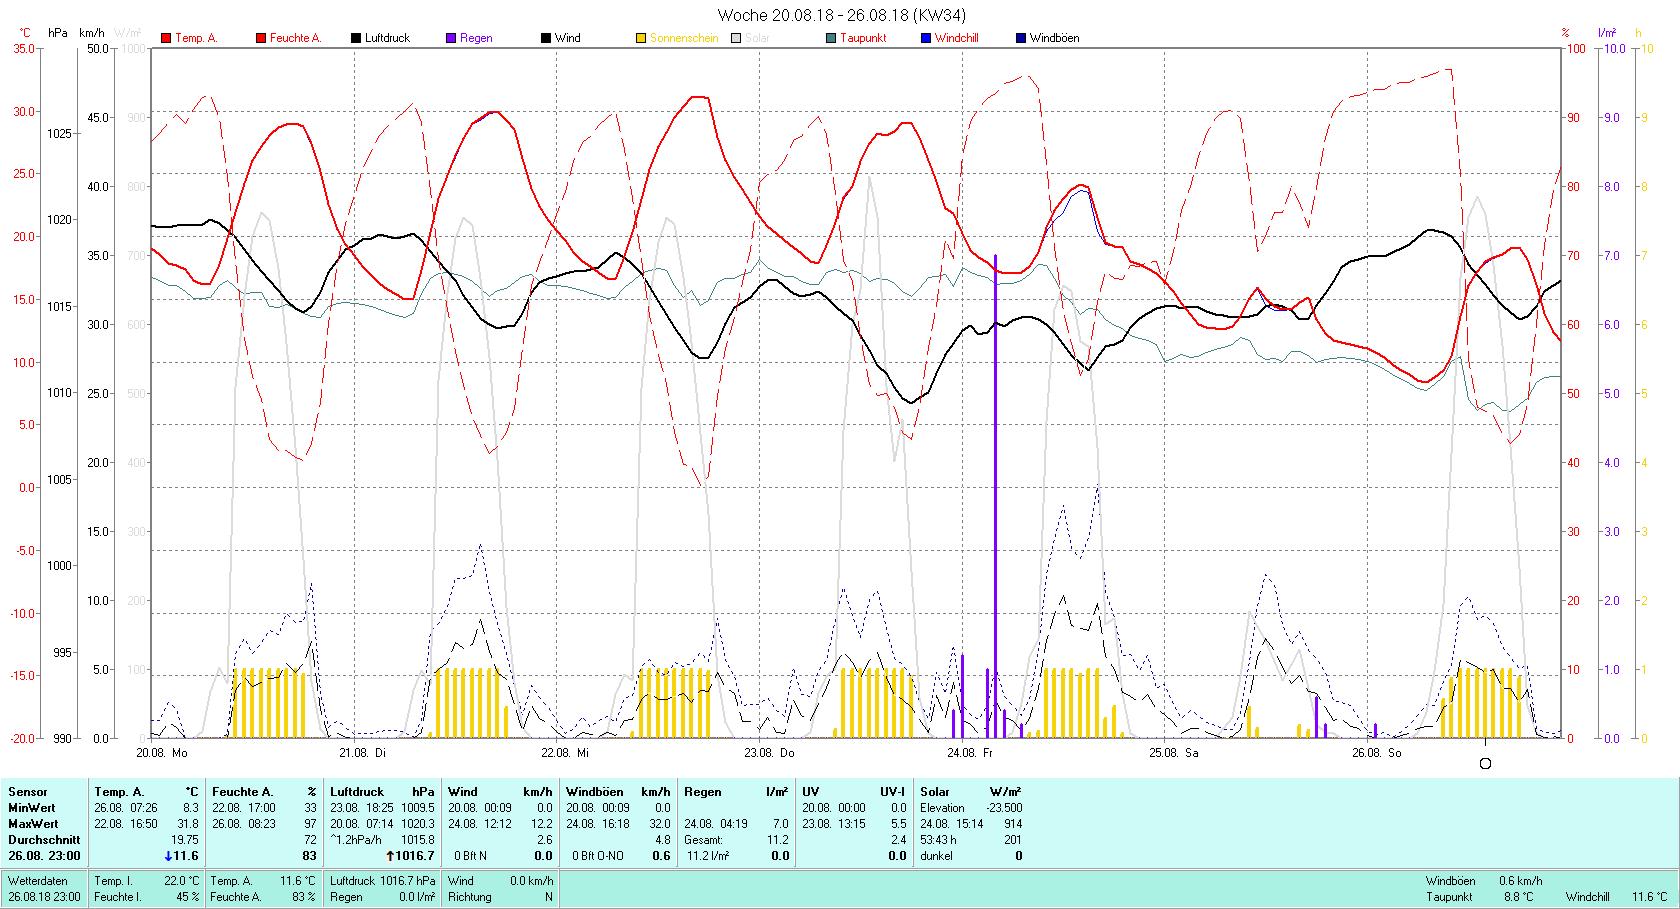 KW 34 Tmin 8.3°C, Tmax 31.8°C, Sonne 53:43 h Niederschlag 11.2 mm2